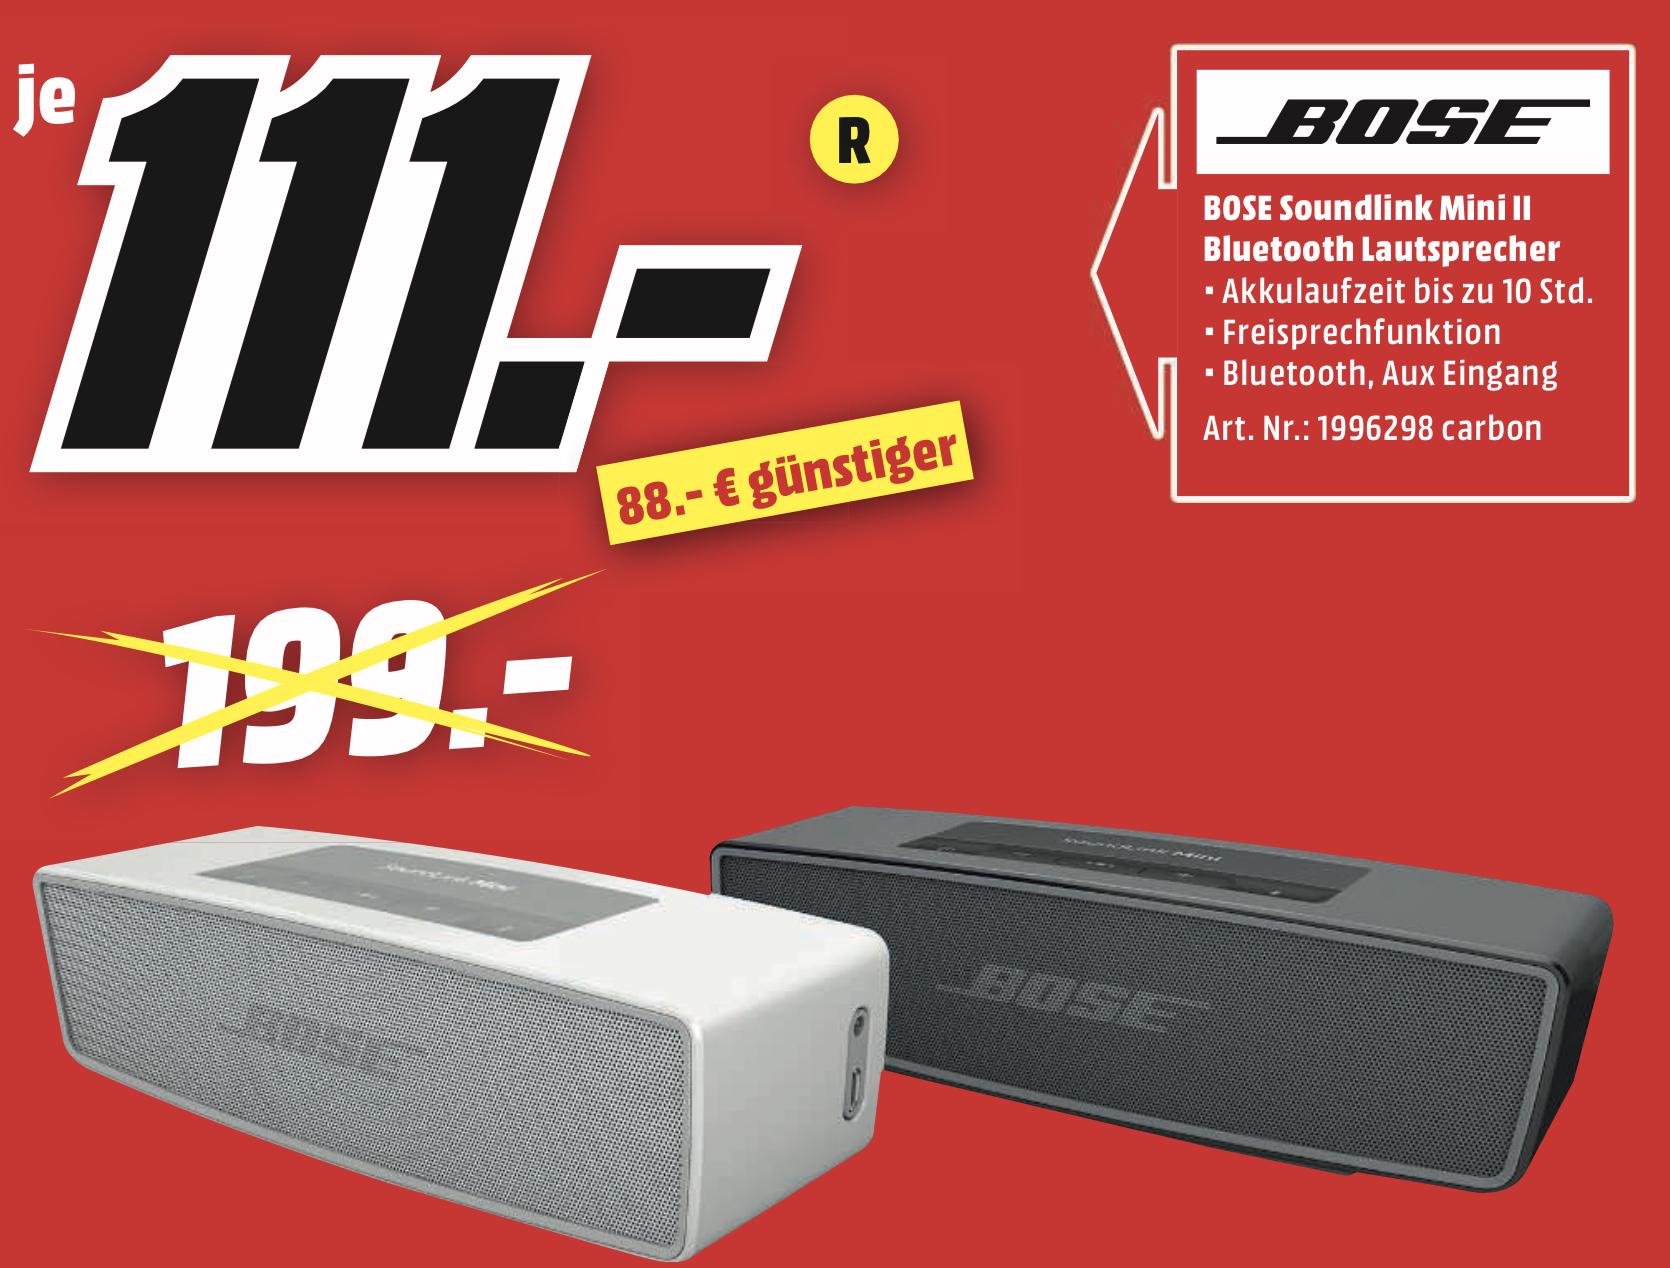 Lokal MediaMarkt Egelsbach: Bose SoundLink Mini II Bluetooth Lautsprecher für 111€